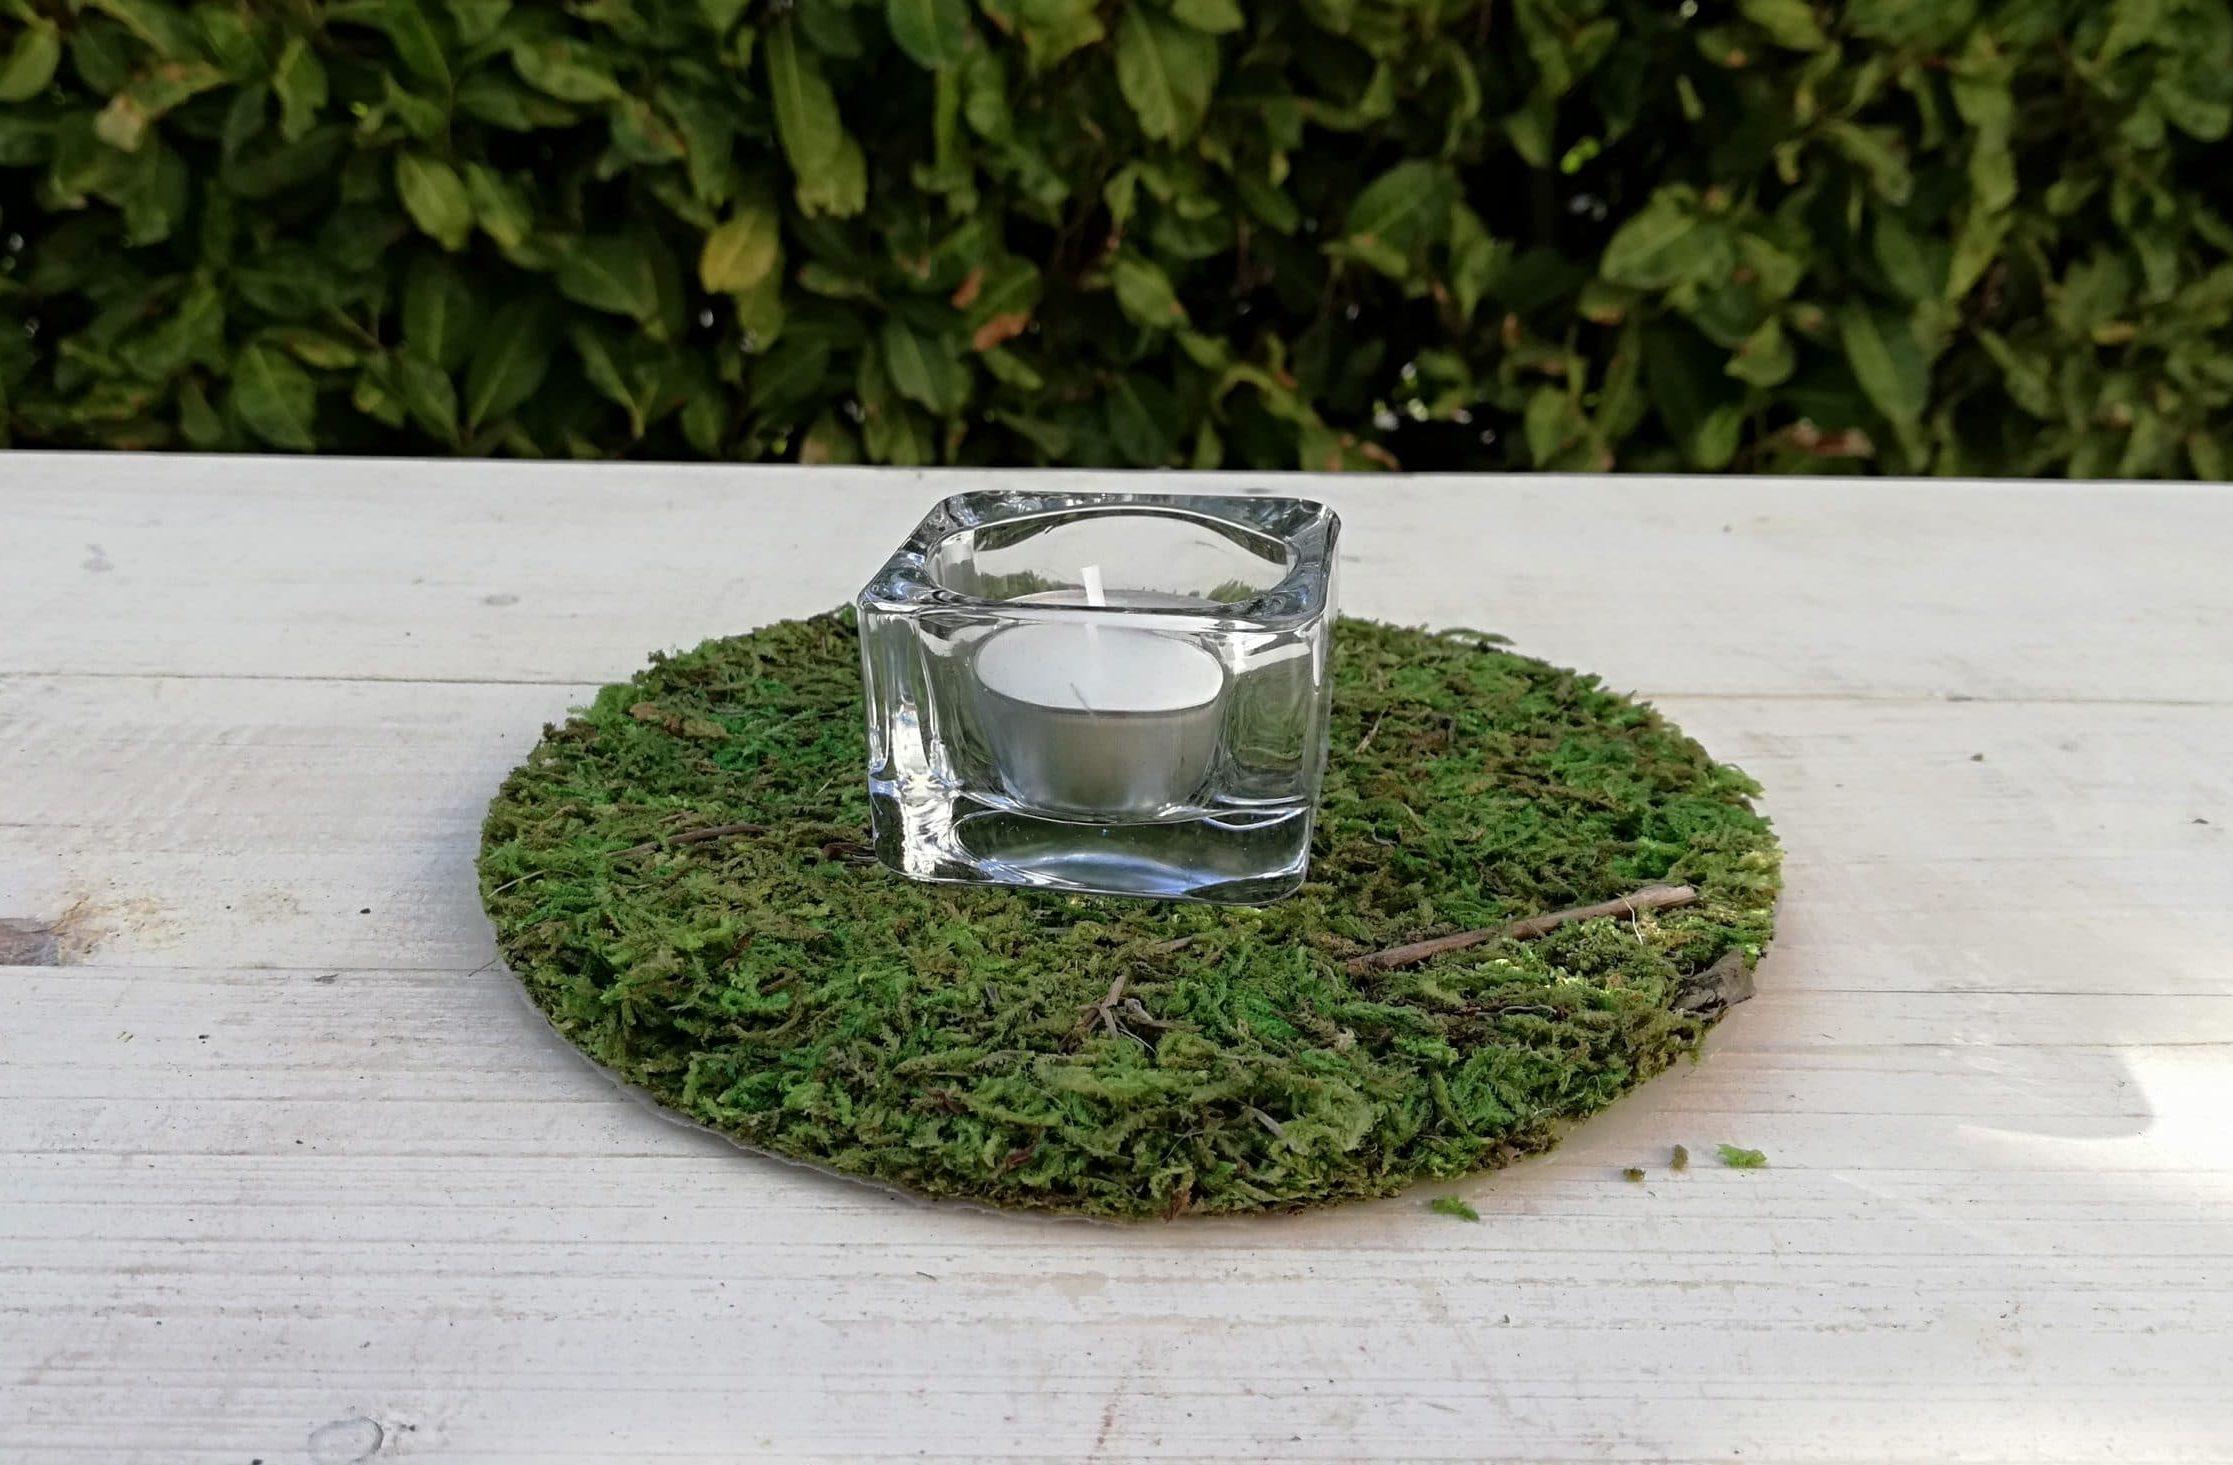 location de petits bougeoirs carrés en verre pour bougies chauffe plat proposés à la location par esprit pop'up pour la décoration de vos événements